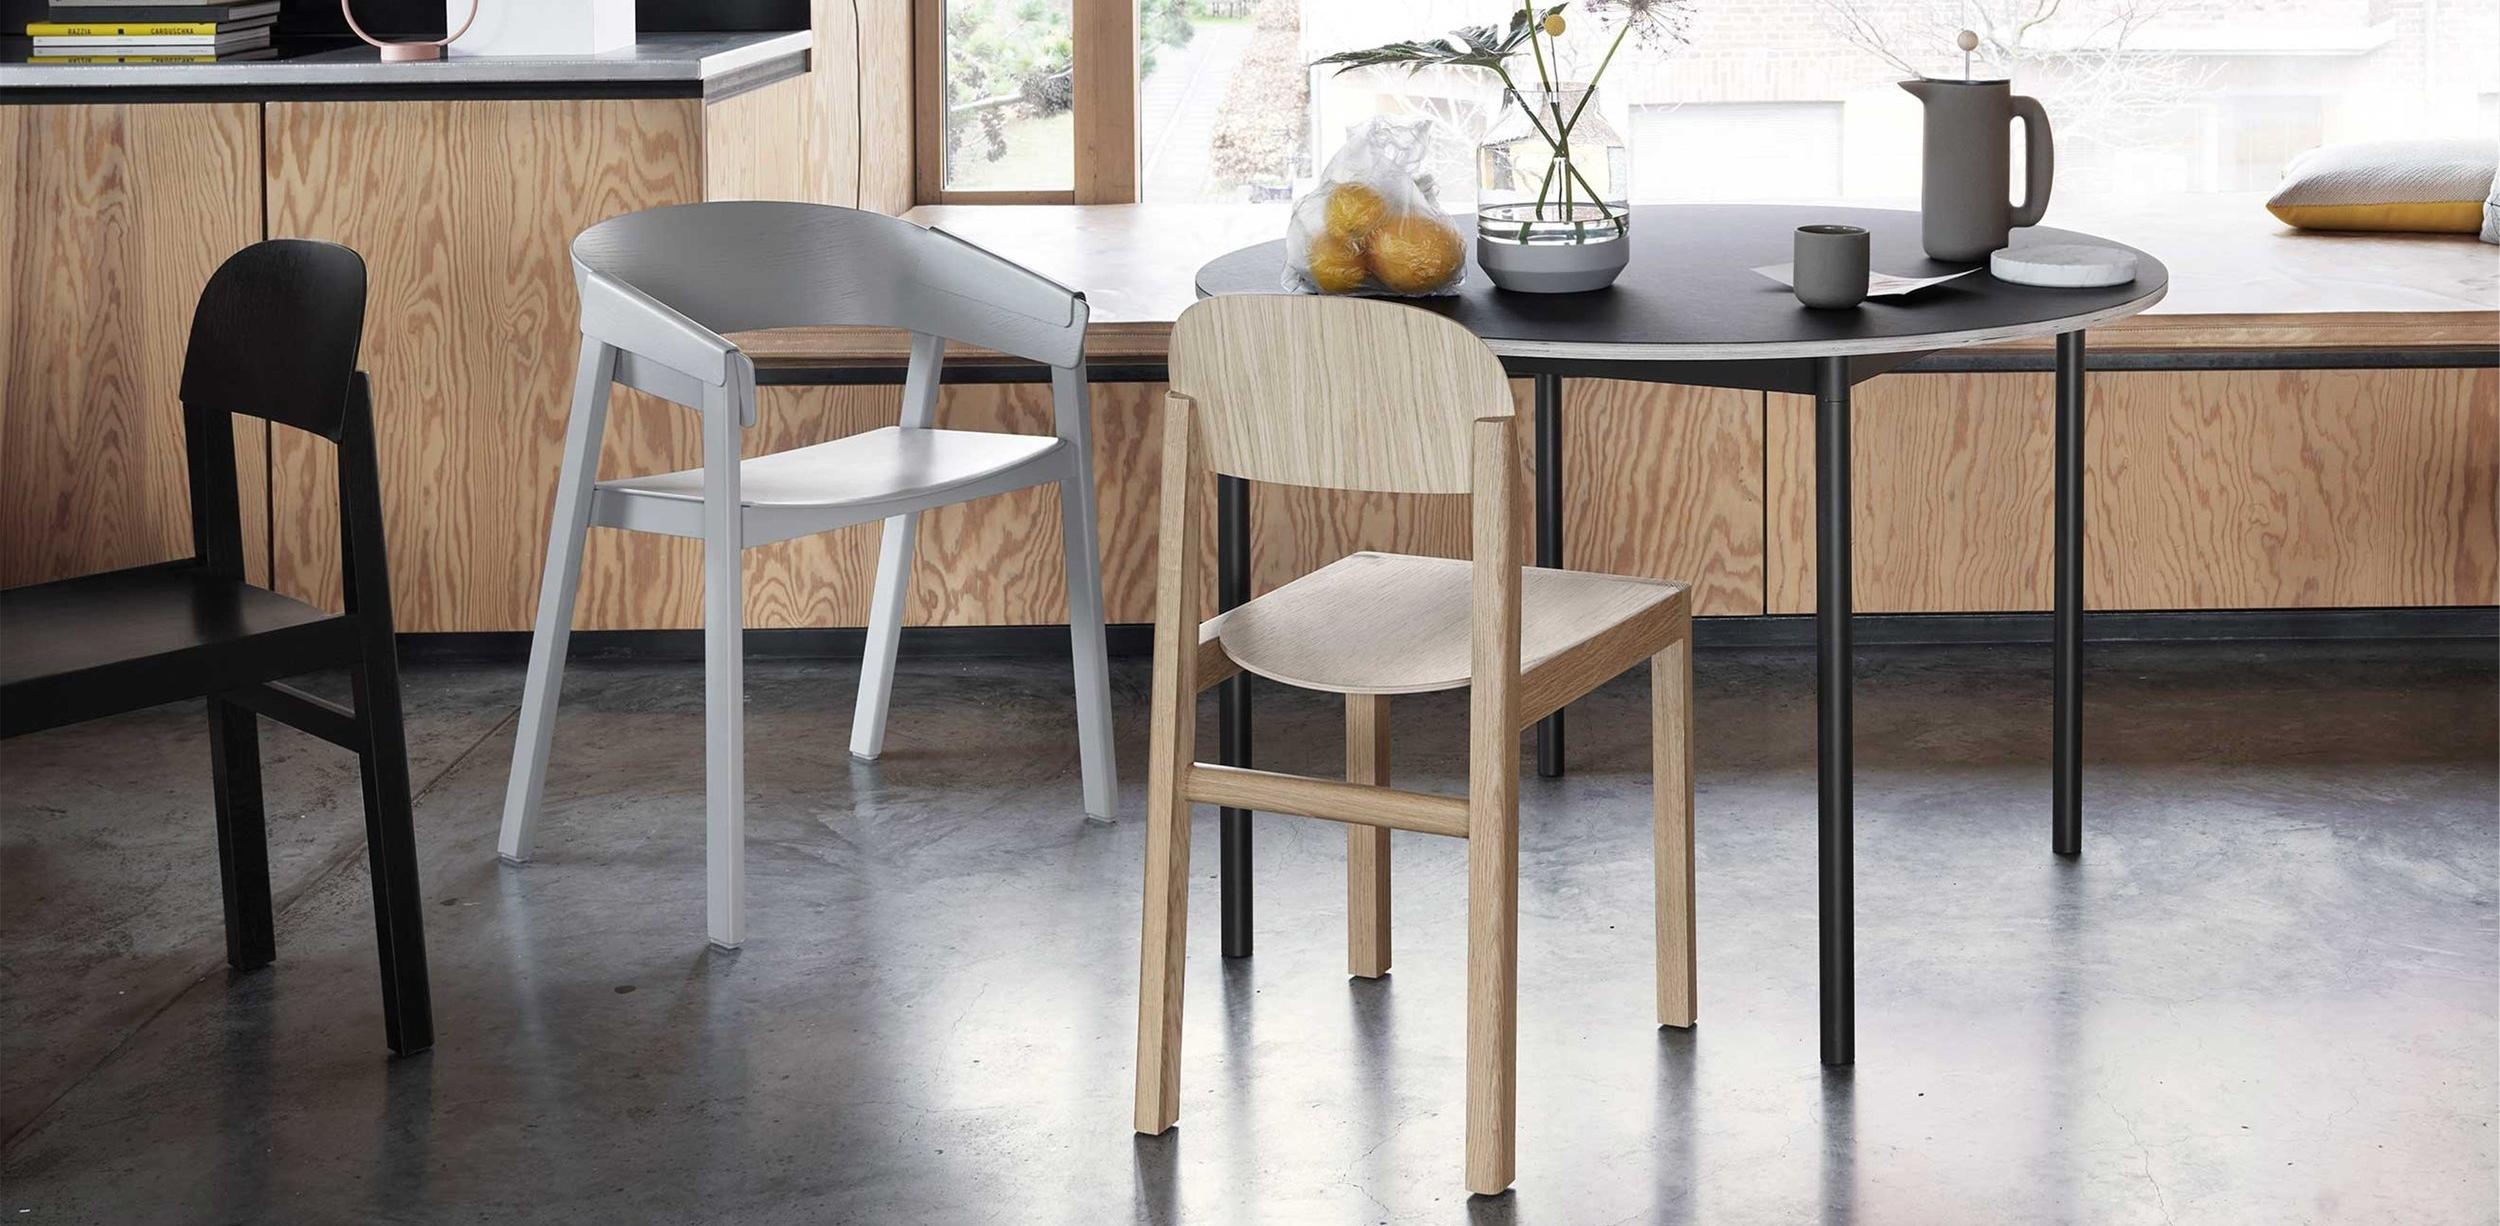 cover-chair-by-thomas-bentzen-muuto_(150).jpg